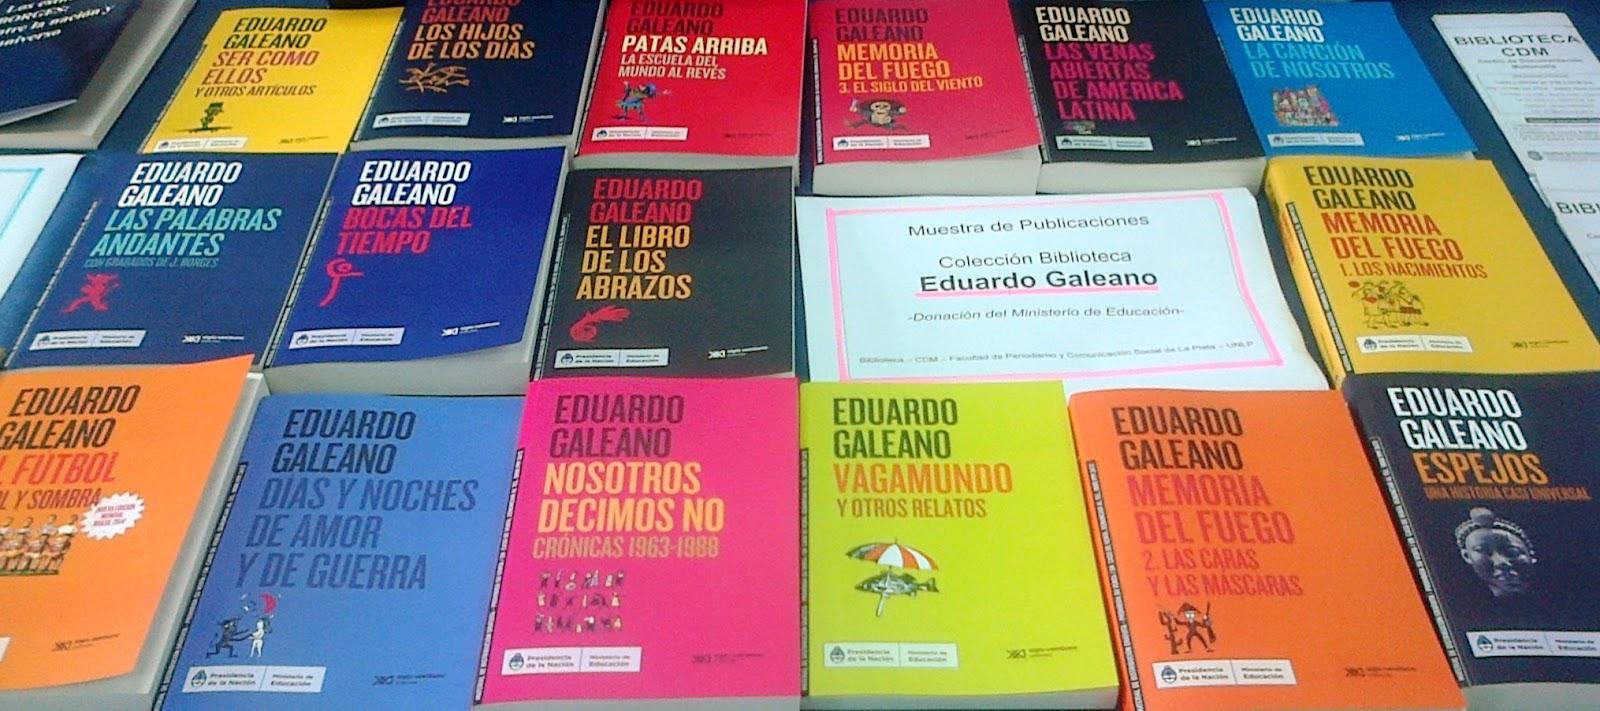 eduardo-galeano-03